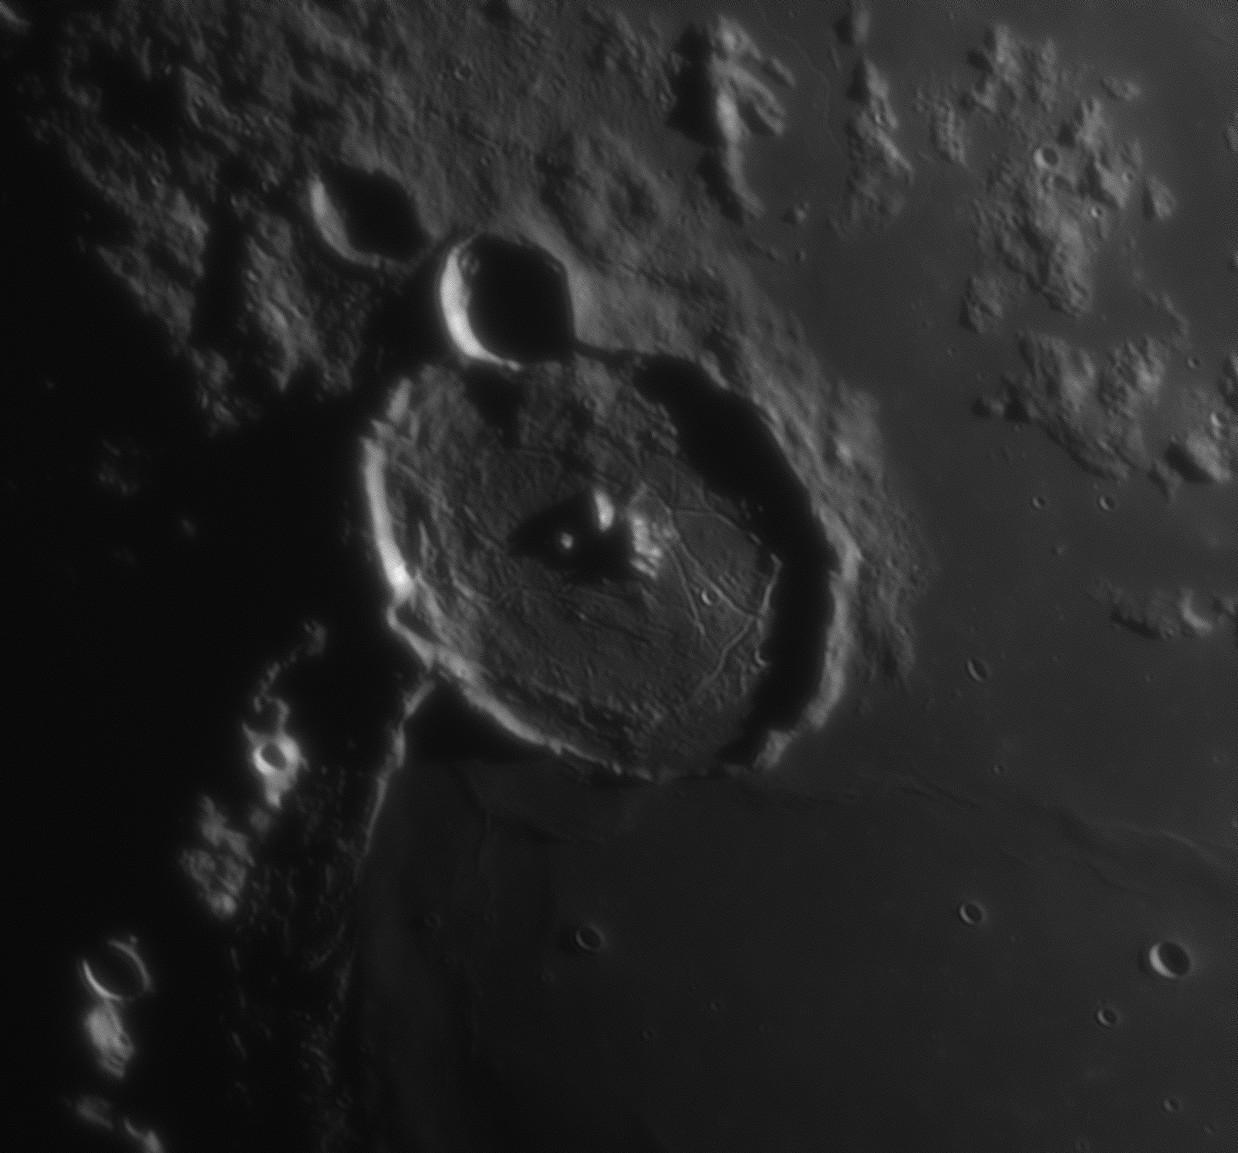 Gros plans lunaires 122643-1550684126